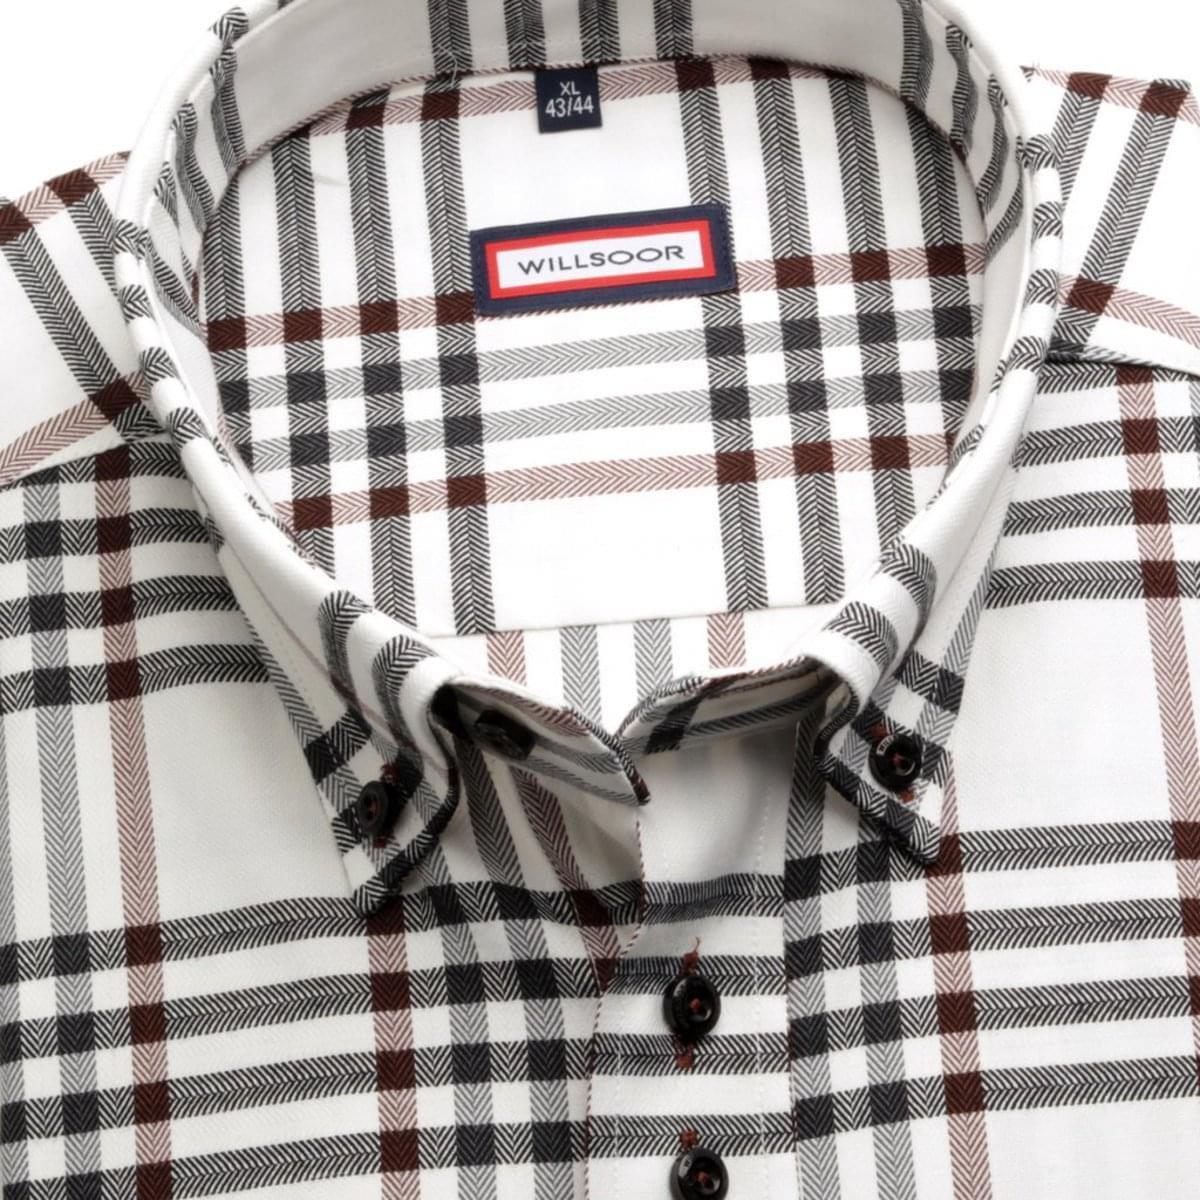 Pánská košile Classic v bílé barvě s kostkou (výška 188-194) 5544 188-194 / XL (43/44)